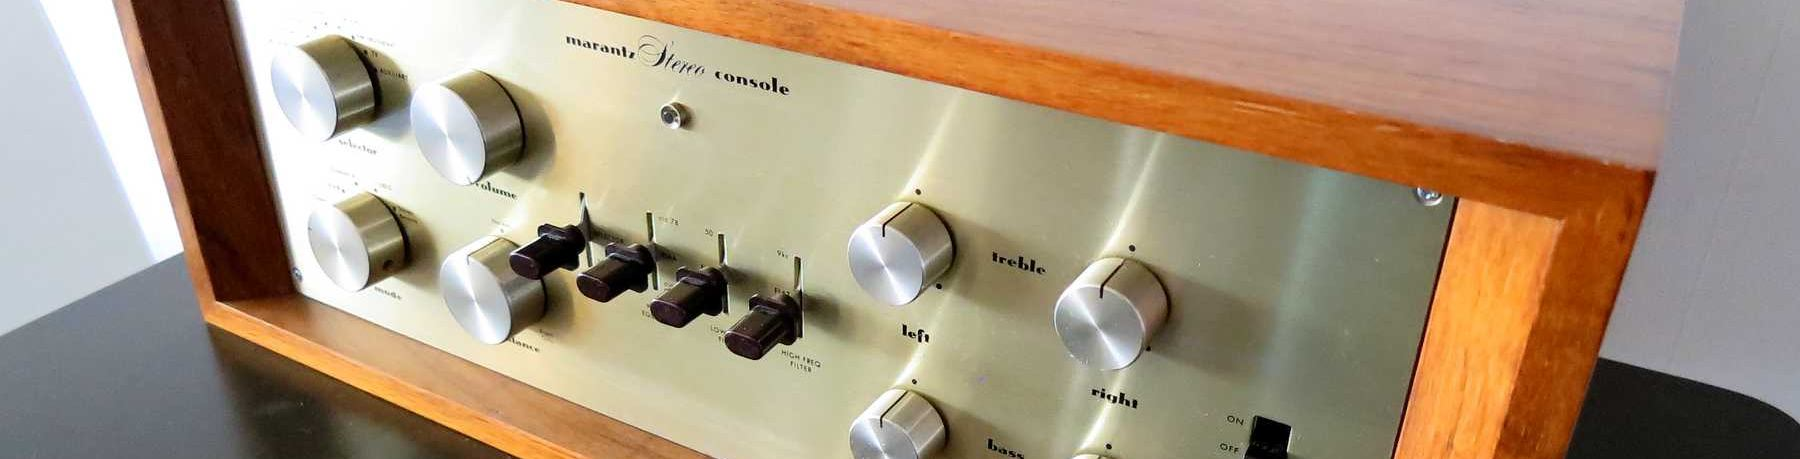 買い取ったヴィンテージプリアンプ。初期型Marantz7 preamp 初期型